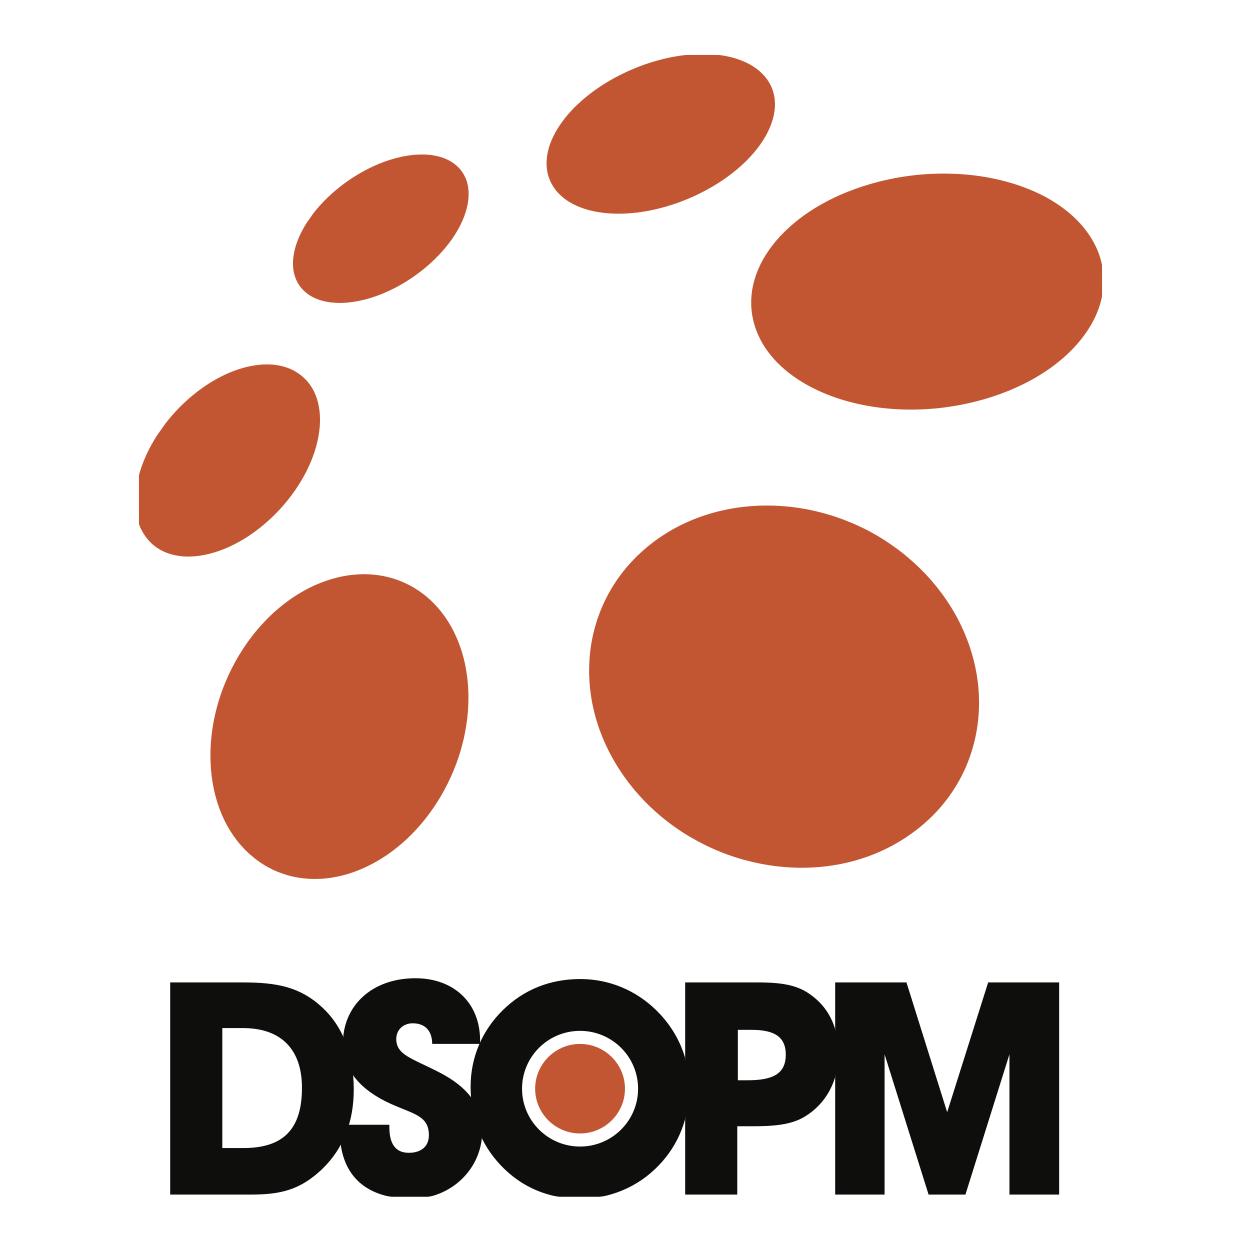 Mindnote client DSOPM